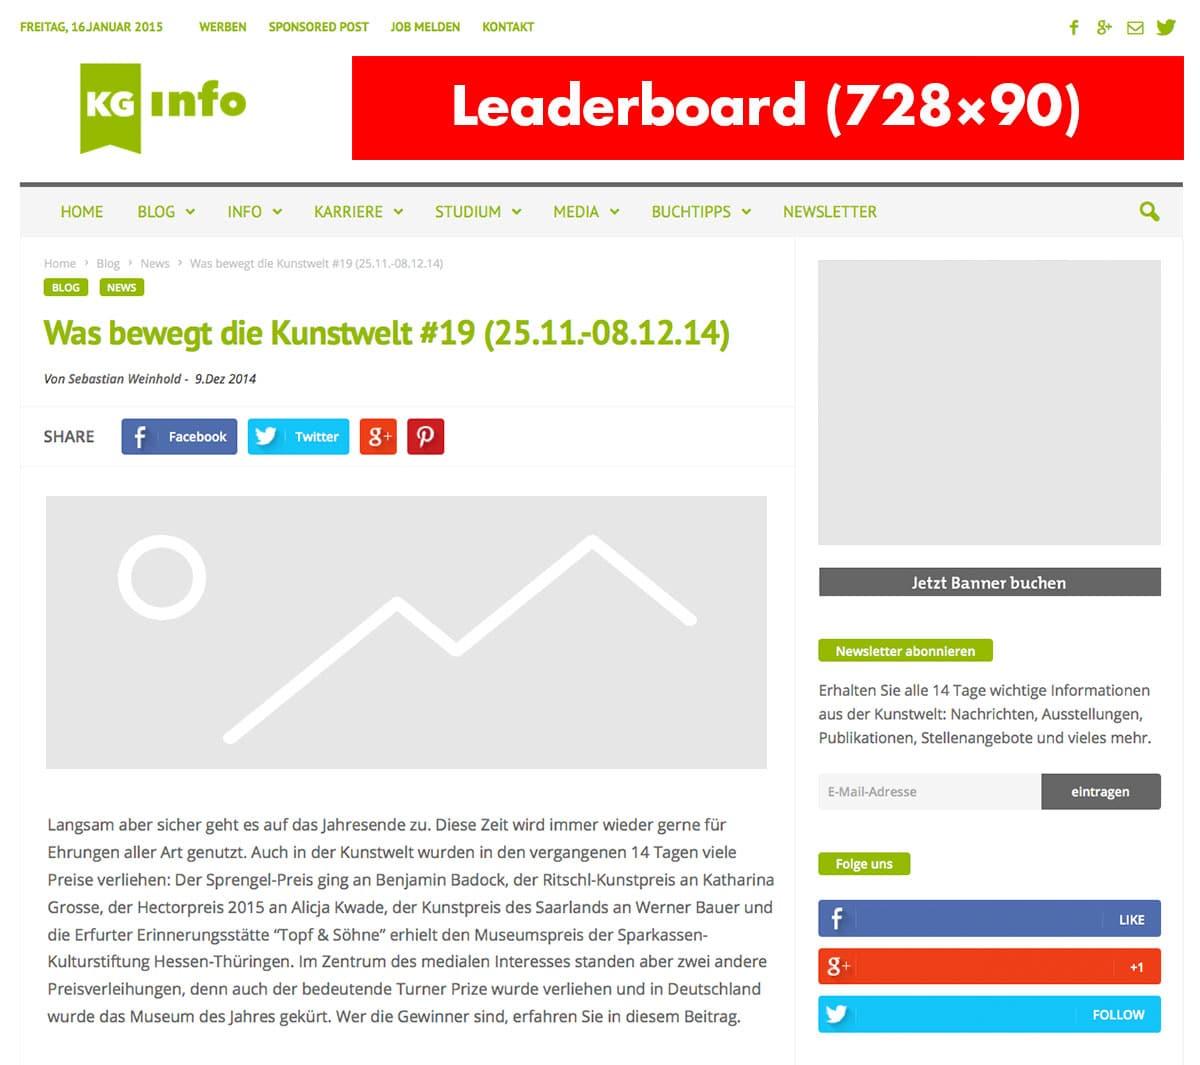 Werbung auf kunstgeschichte.info - Leaderboard (728x90)